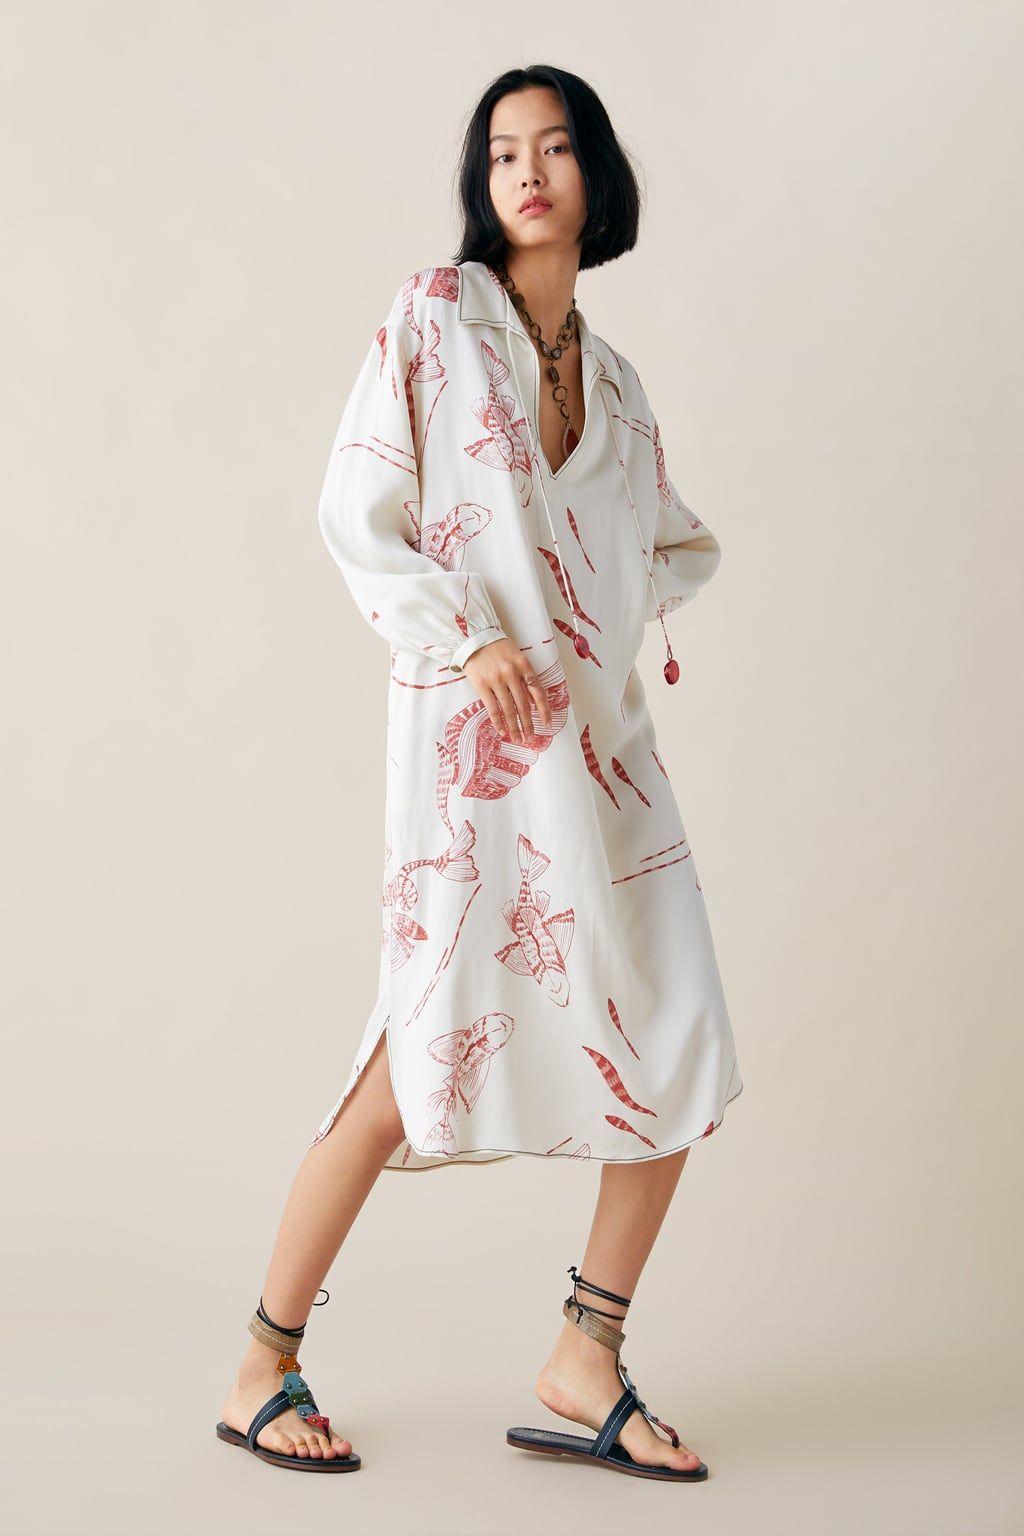 zara studio vestido estampado ediciÓn limitada | bedruckte